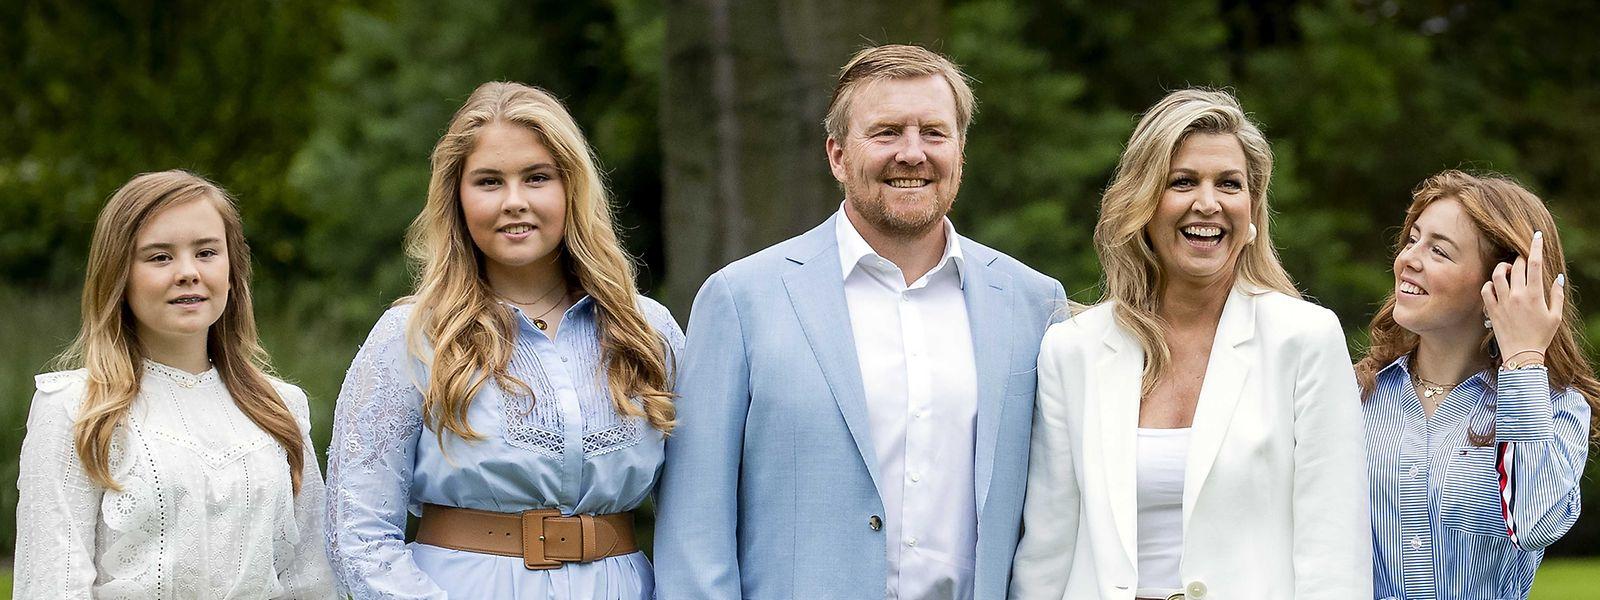 König Willem-Alexander der Niederlande (M.), seine Frau Königin Maxima (2.v.r) sowie die gemeinsamen Töchter Prinzessin Ariane (l.), Prinzessin Catharina-Amalia (2.v.l.) und Prinzessin Alexia (r.)